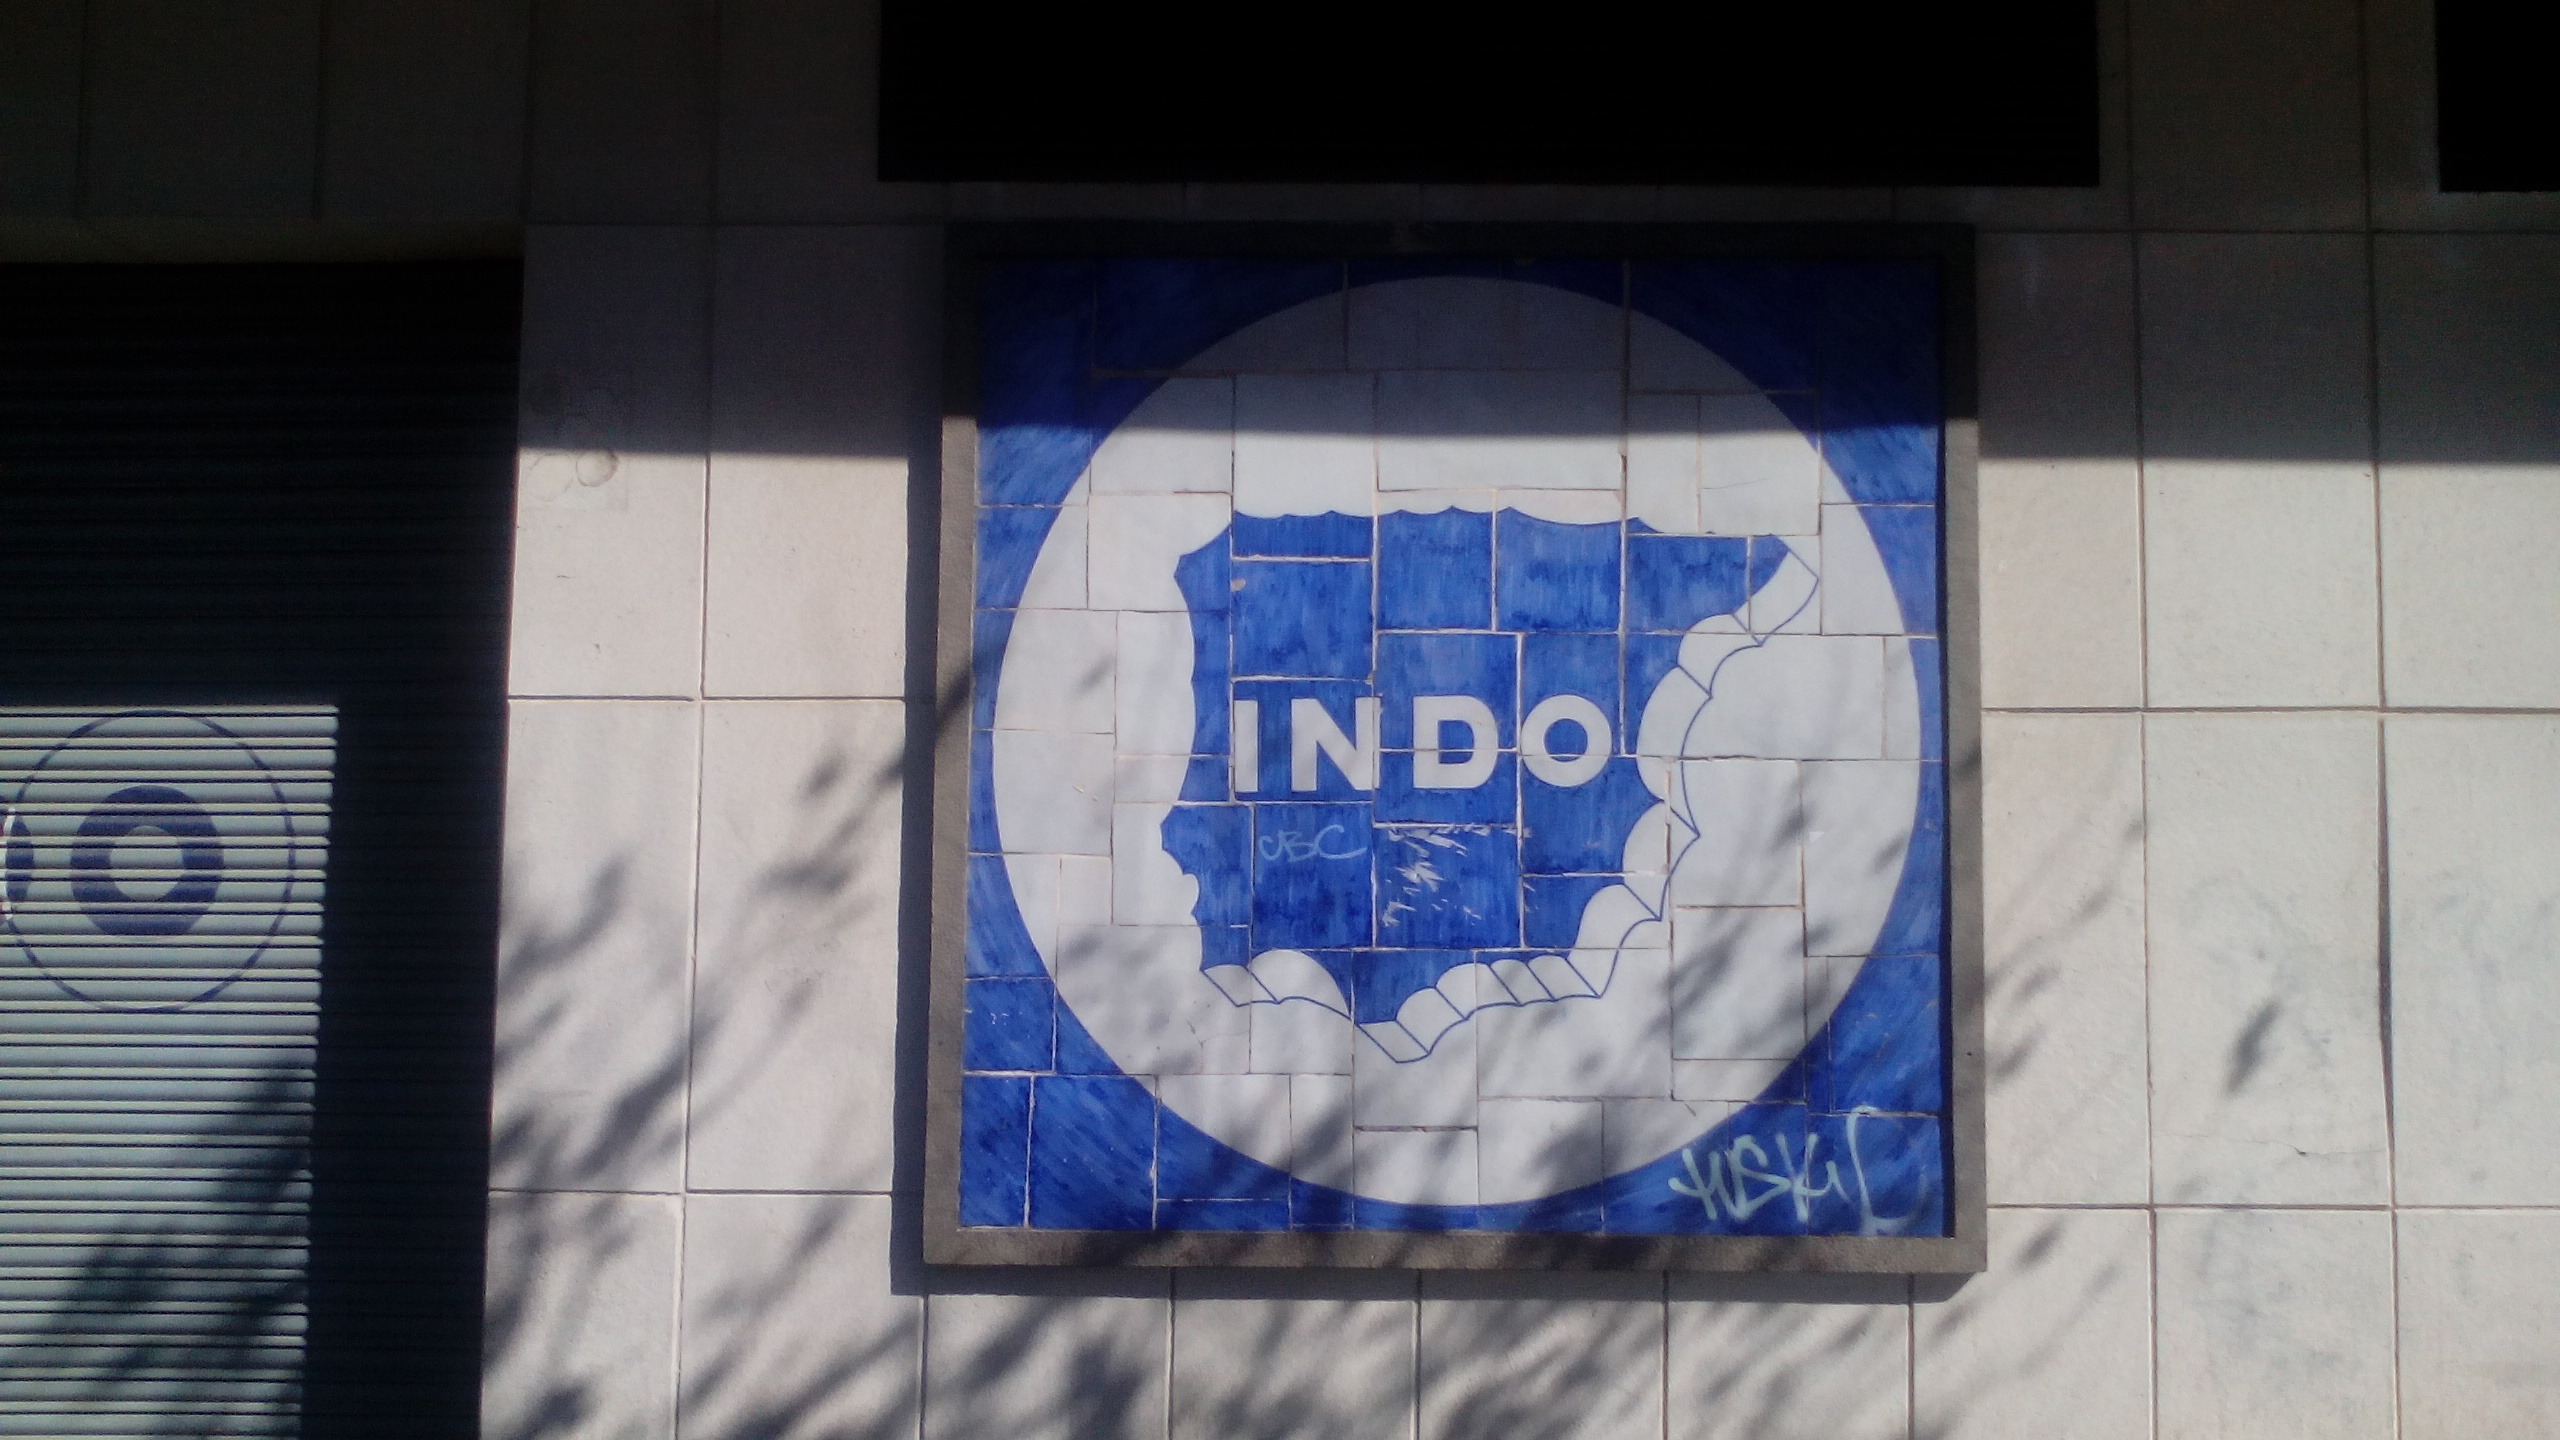 2eaf52d163 Indo (empresa) - Wikipedia, la enciclopedia libre